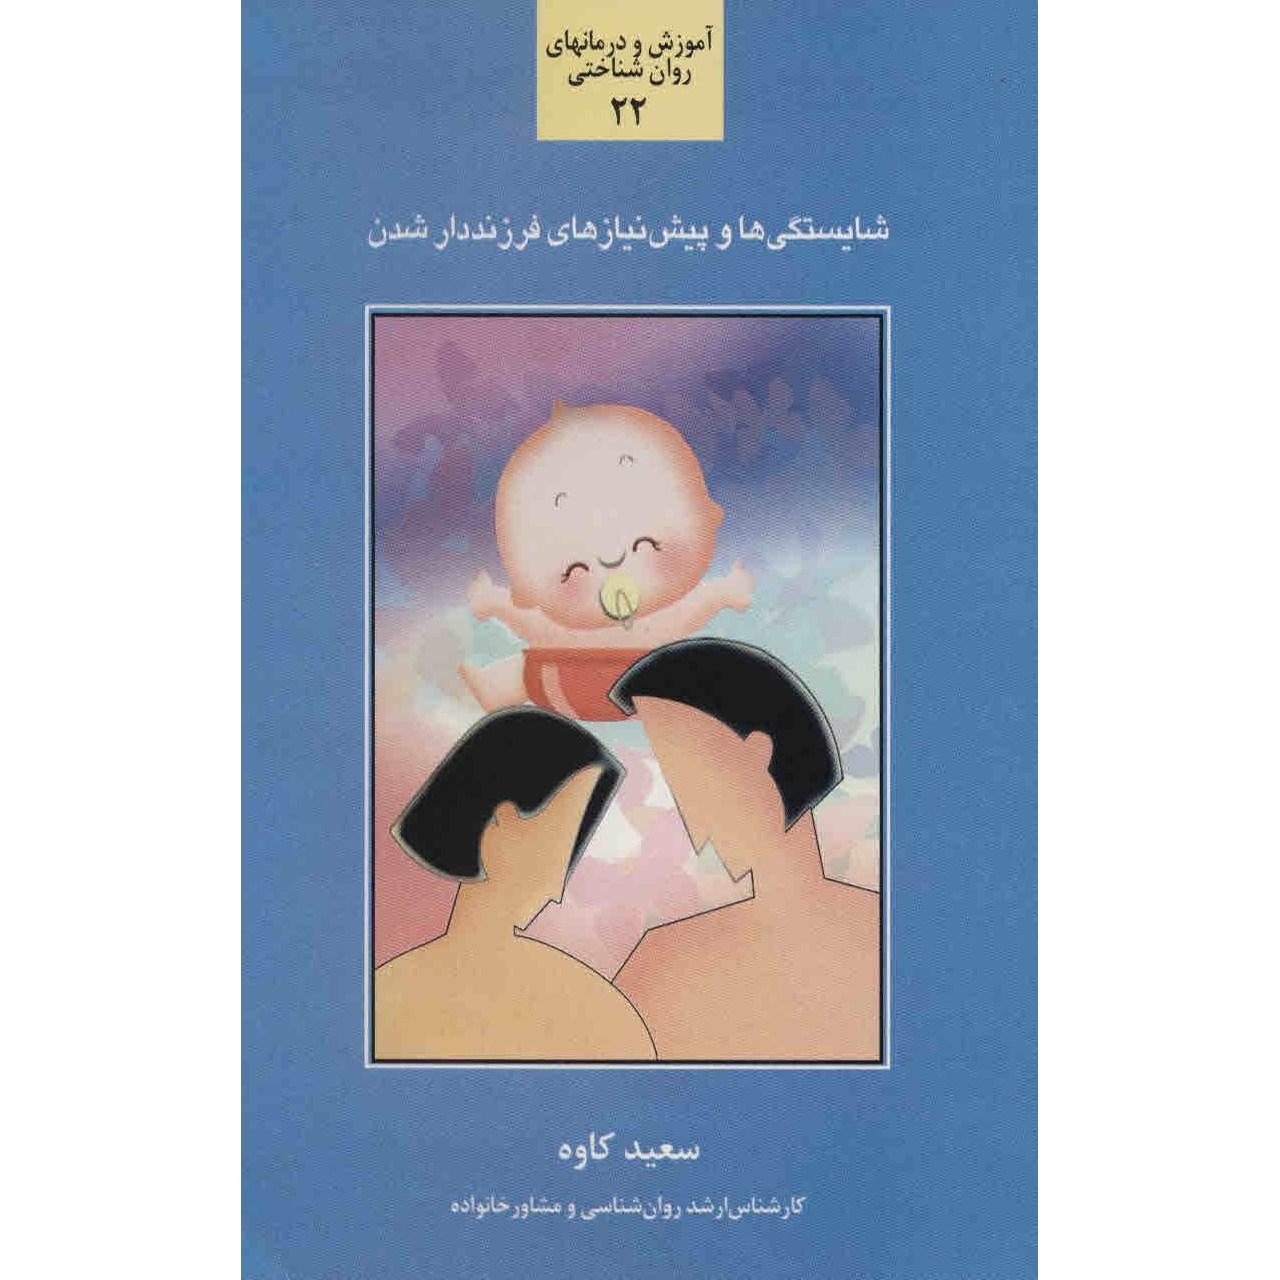 کتاب شایستگی ها و پیش نیاز های فرزنددار شدن اثر سعید کاوه